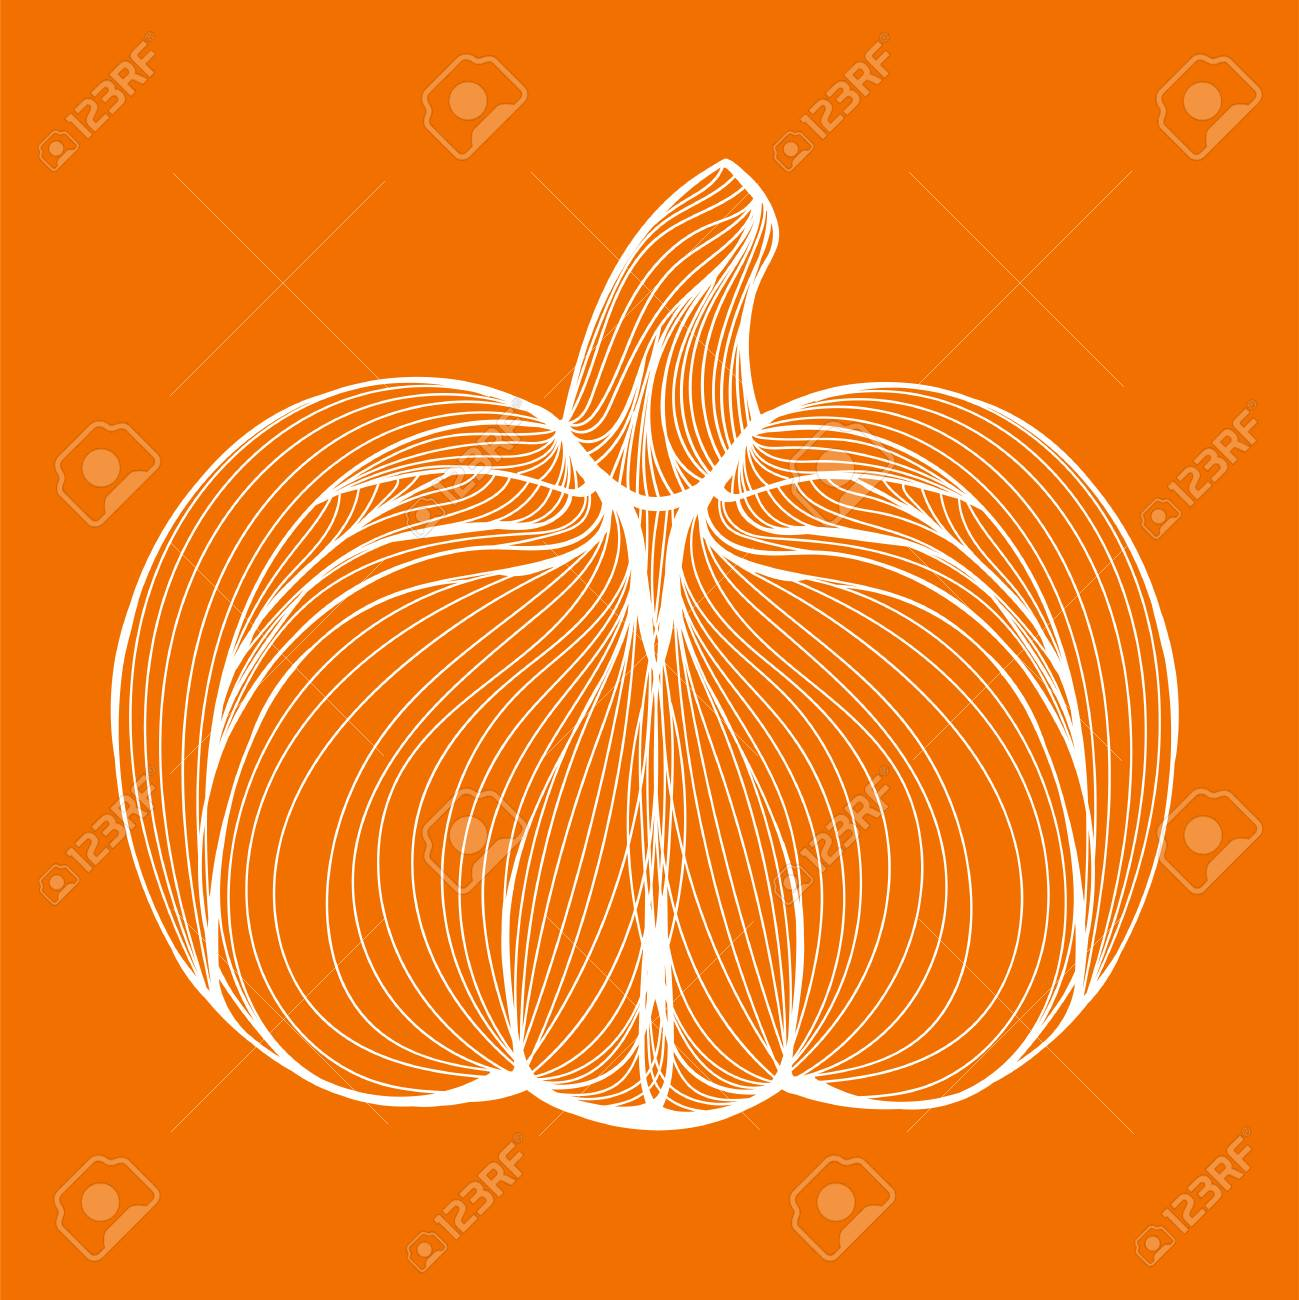 Halloween Afkomst.Vector Illustratie Van Een Afkomstig Uit Witte Lijnen Halloween Pompoen Of Plantaardige Assepoester Op Oranje Achtergrond